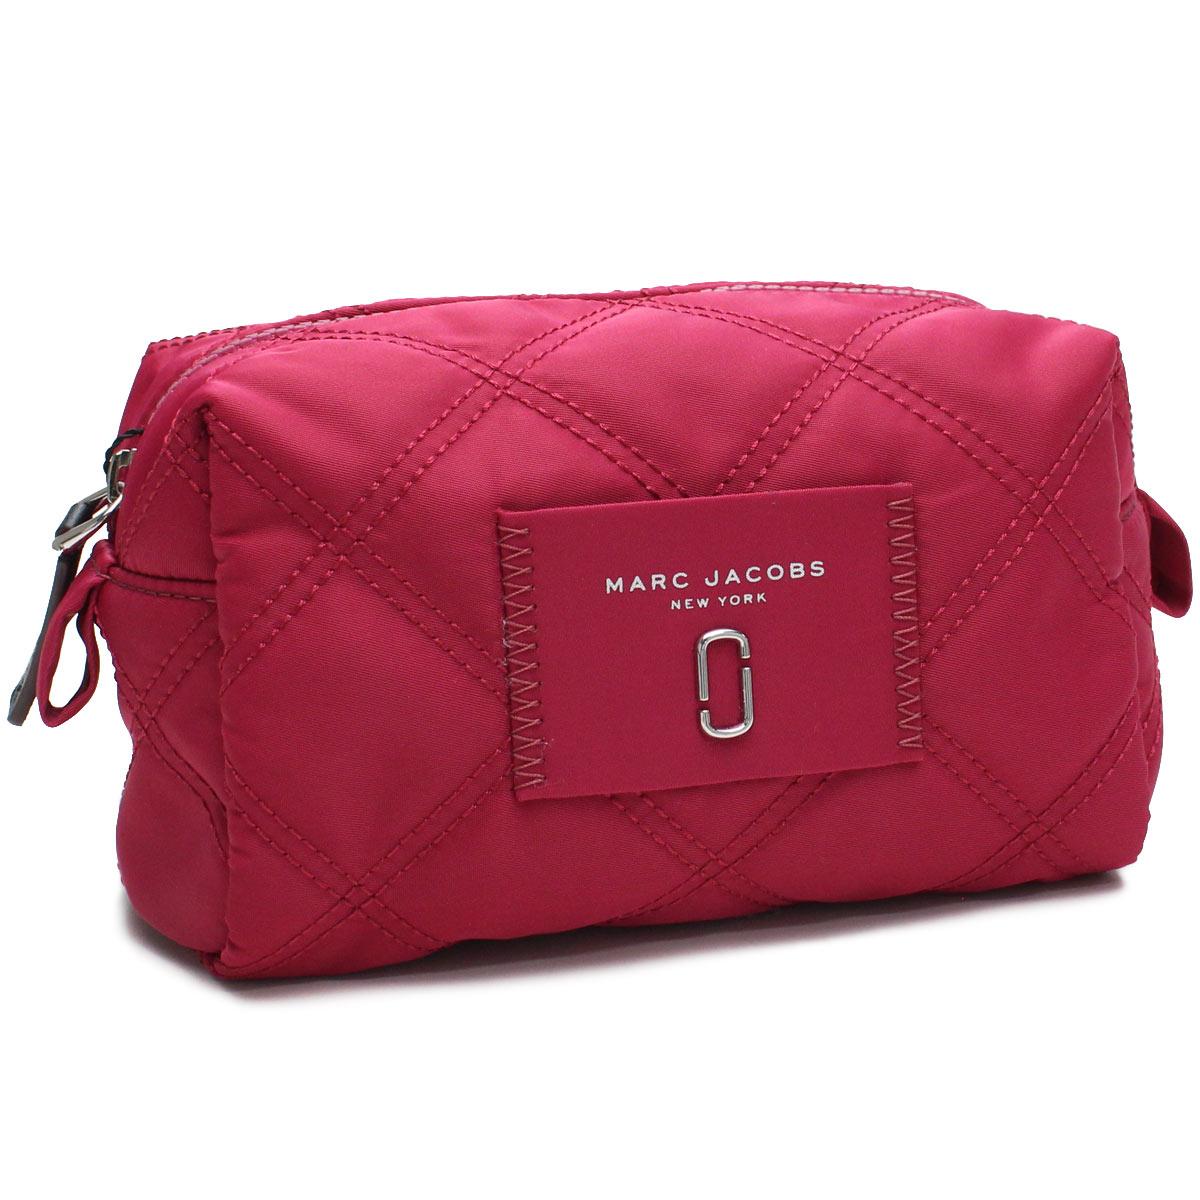 マーク・ジェイコブス MARC JACOBS ポーチ M0012158 655 RASPBERRY ピンク系 【レディース】【dl】brand